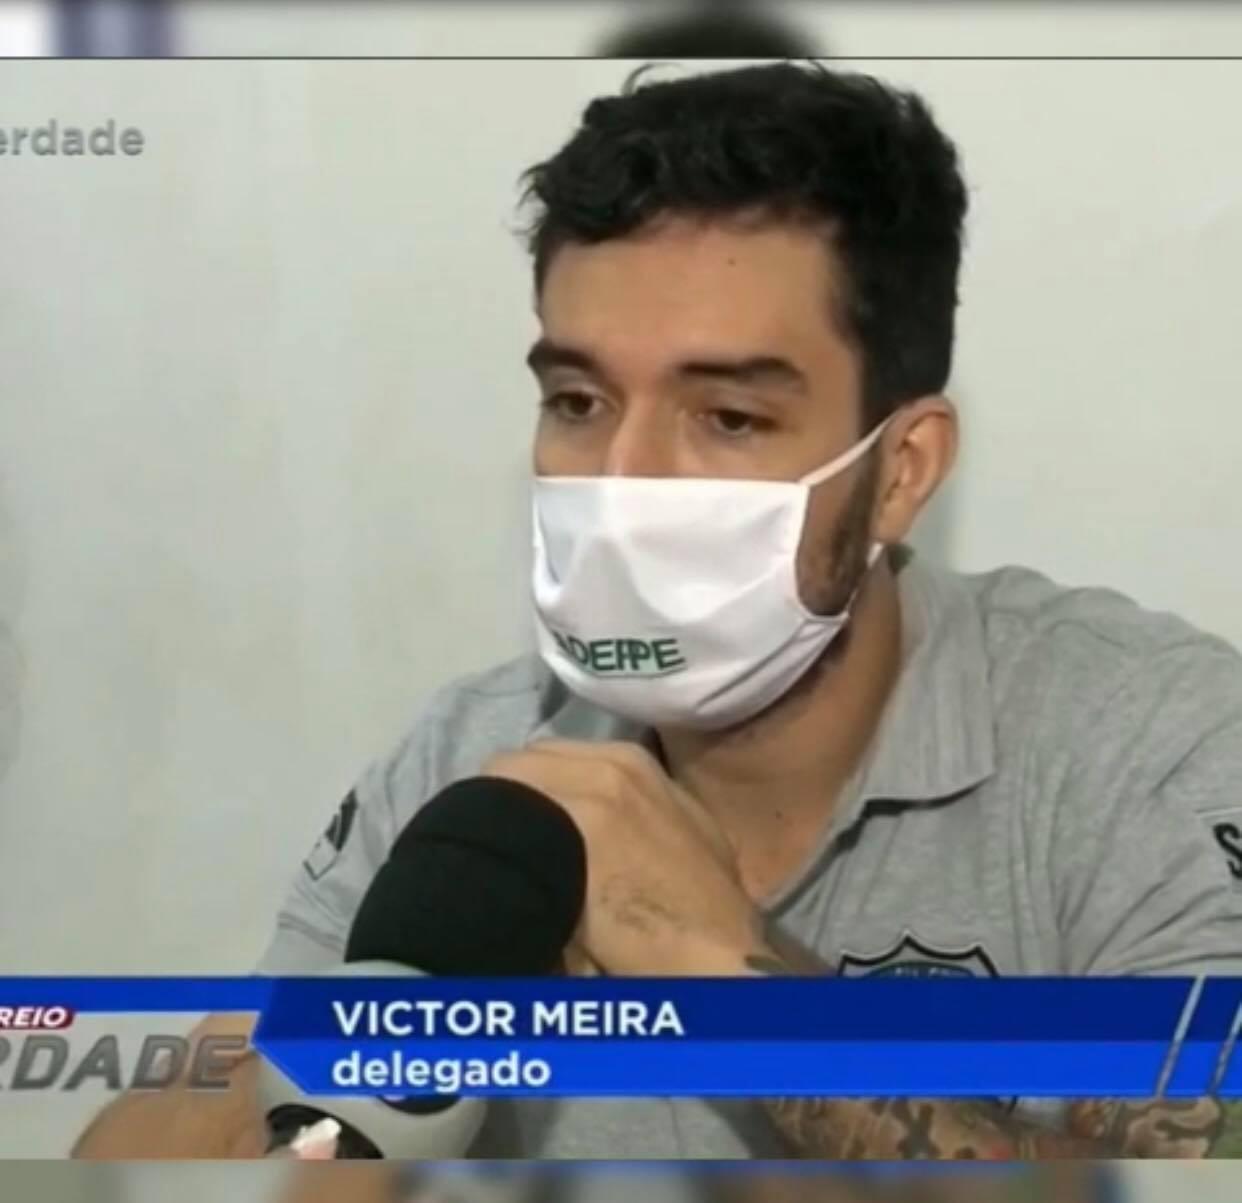 Vídeo: delegado diz que motivação política é improvável em relação ao assassinato de Abson Matos, em Itambé-PE